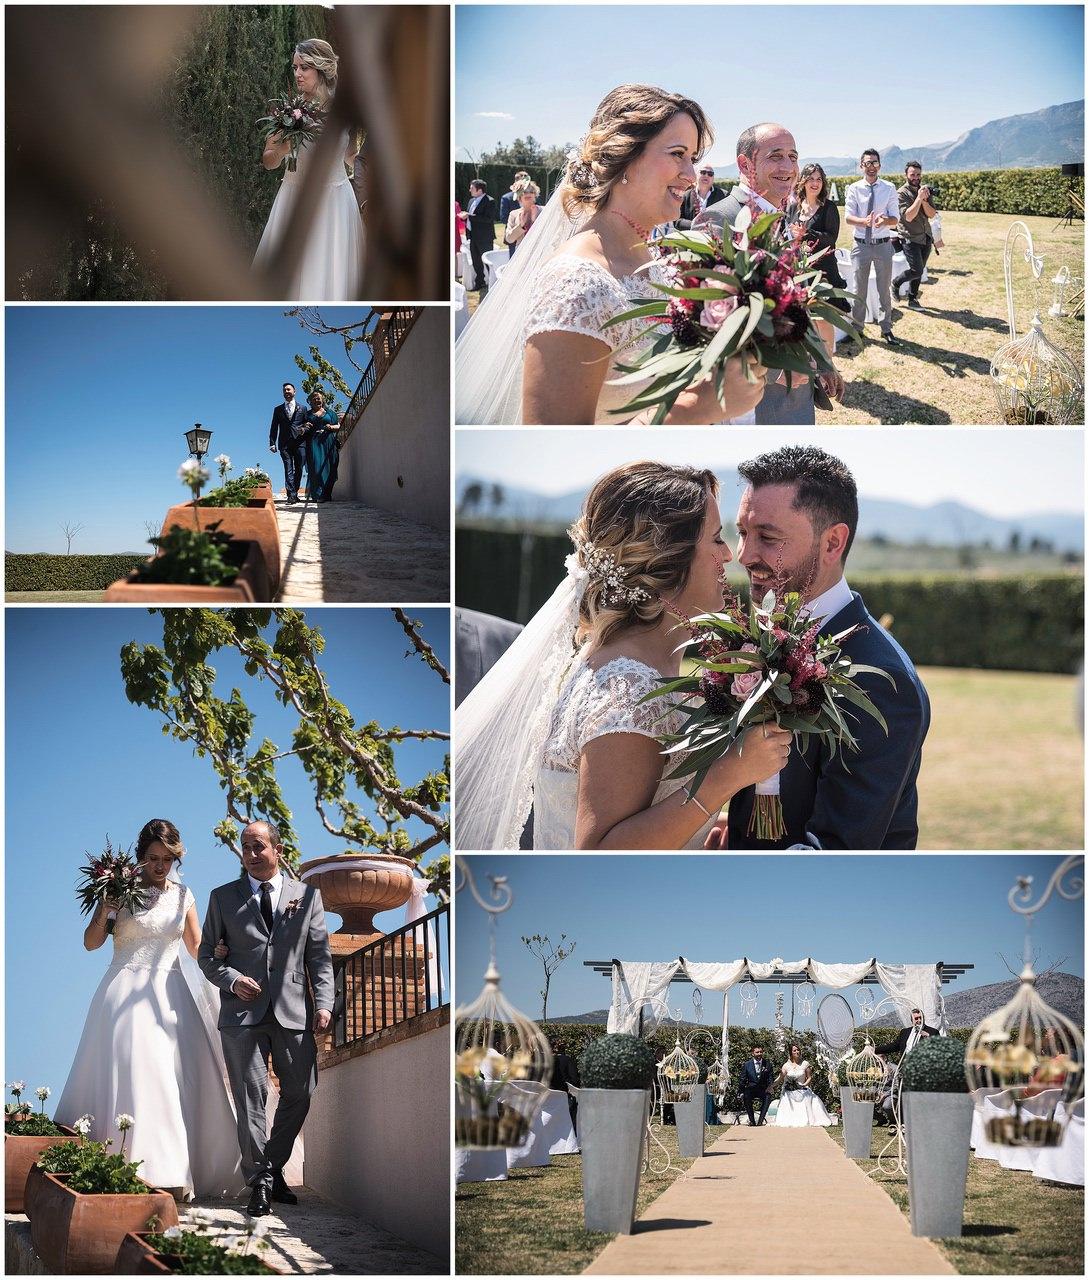 Fotógrafo de bodas en Alcoy, boda de estefy8